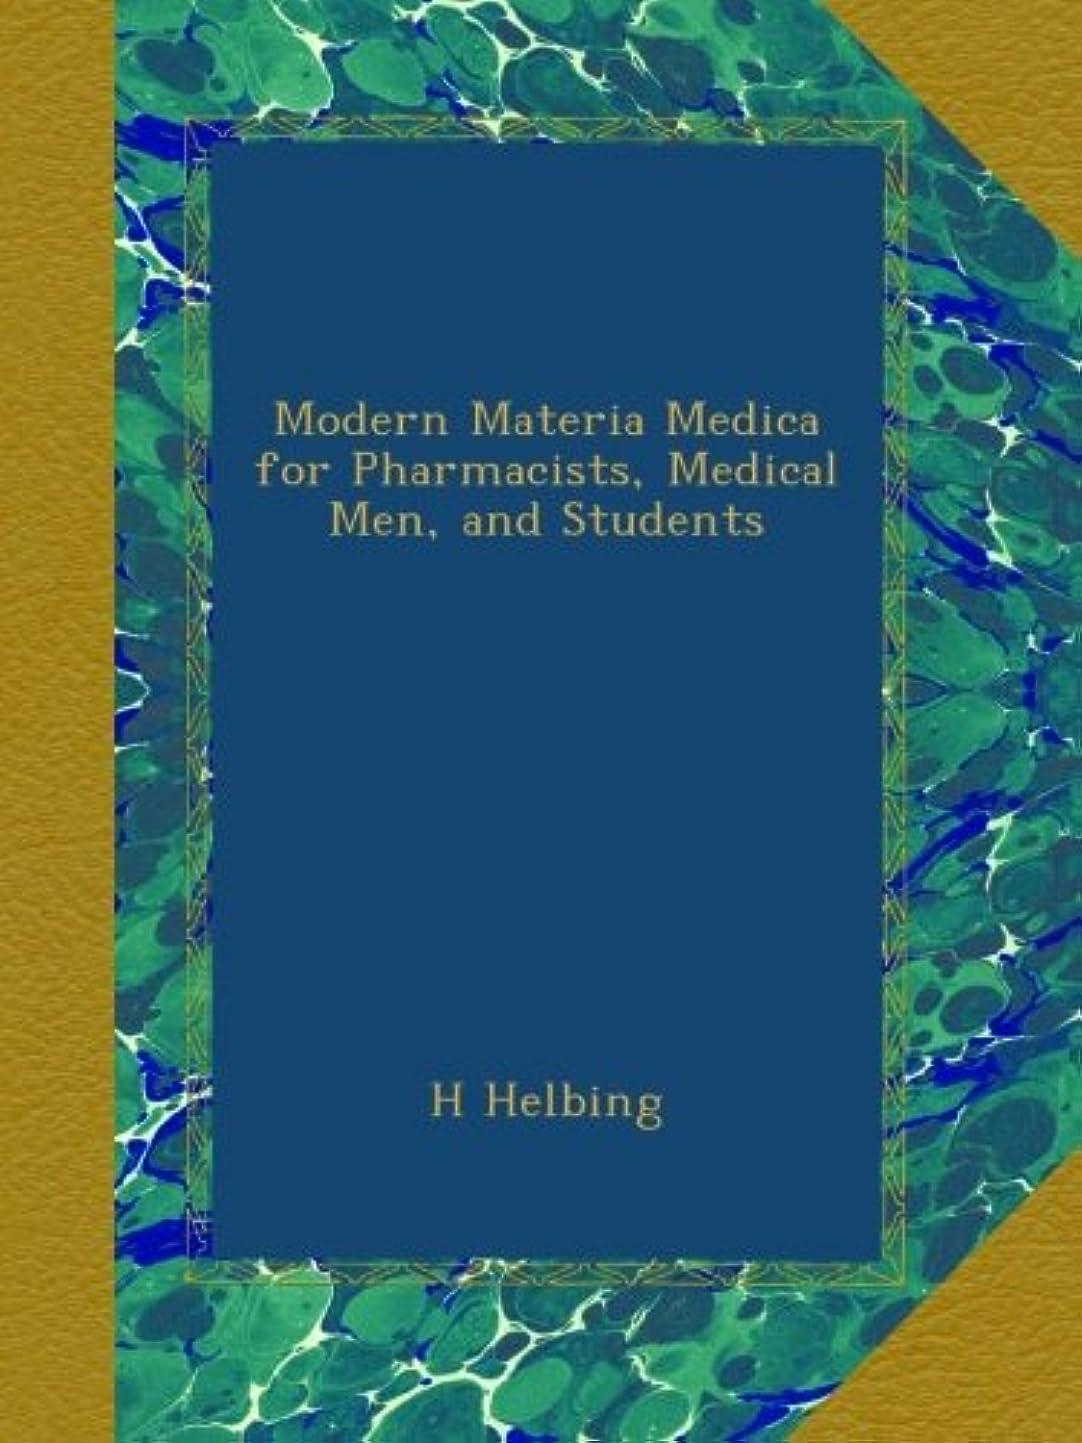 バスケットボールシプリー検出するModern Materia Medica for Pharmacists, Medical Men, and Students